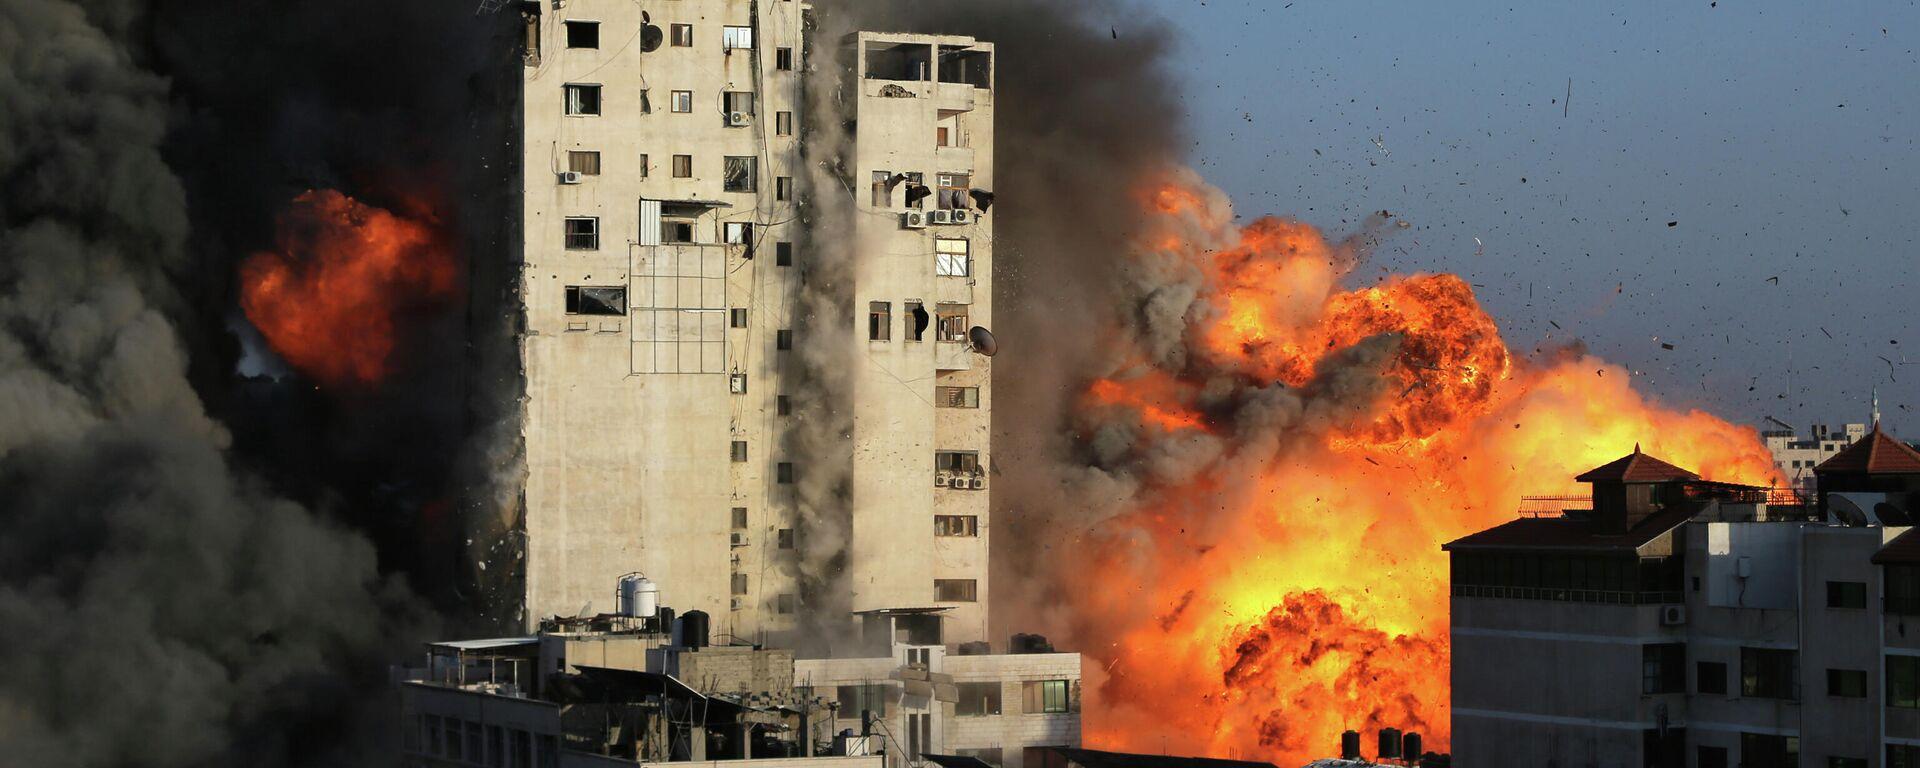 Bombardeo de Gaza por parte de Israel - Sputnik Mundo, 1920, 17.05.2021